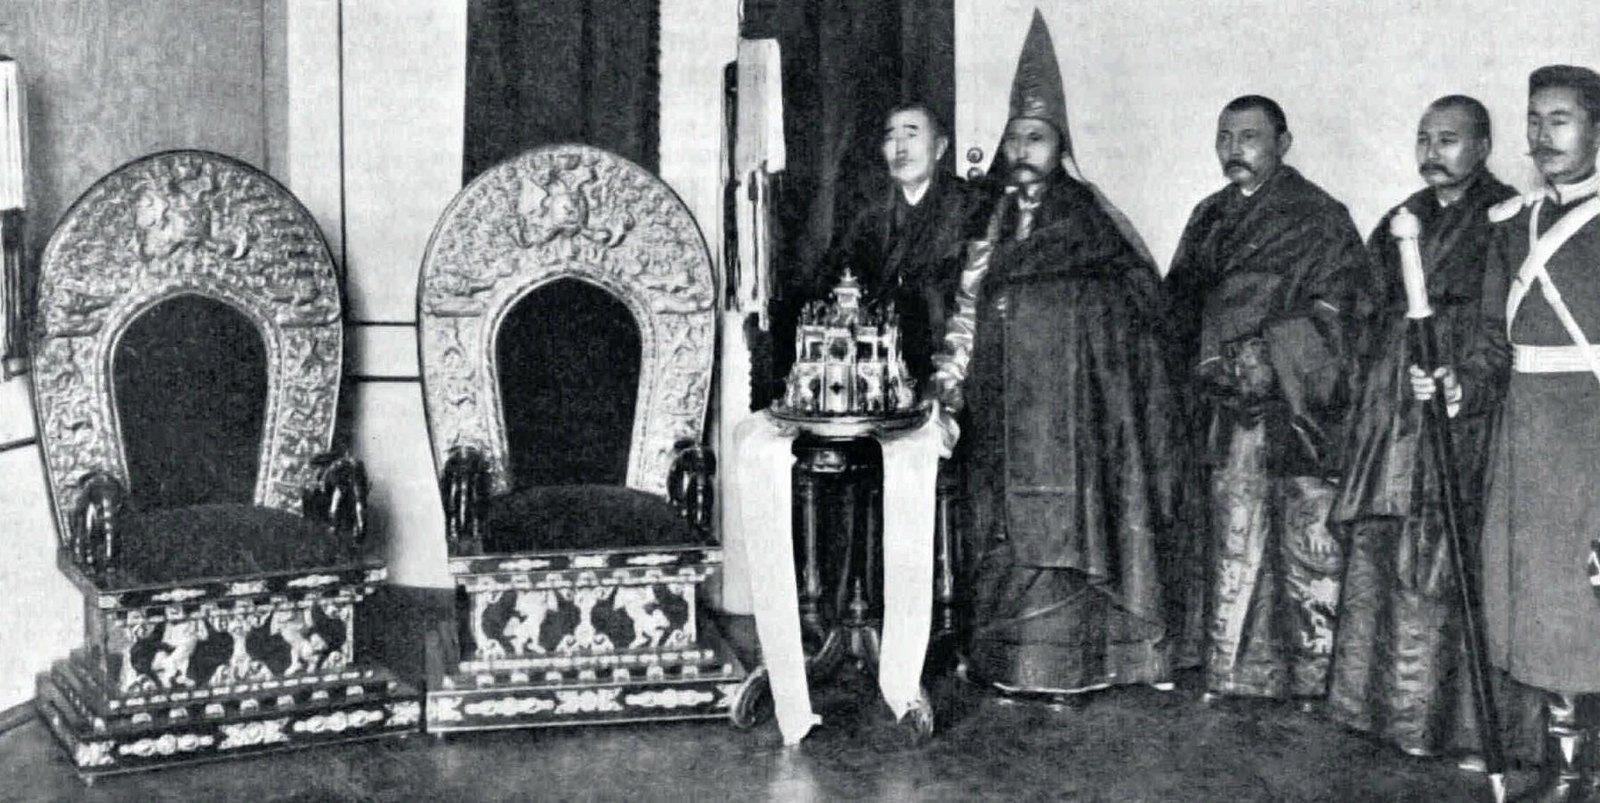 1908. Менке Бормажинов, духовный глава калмыков, и делегация калмыцких монахов и казаков на приёме у императора